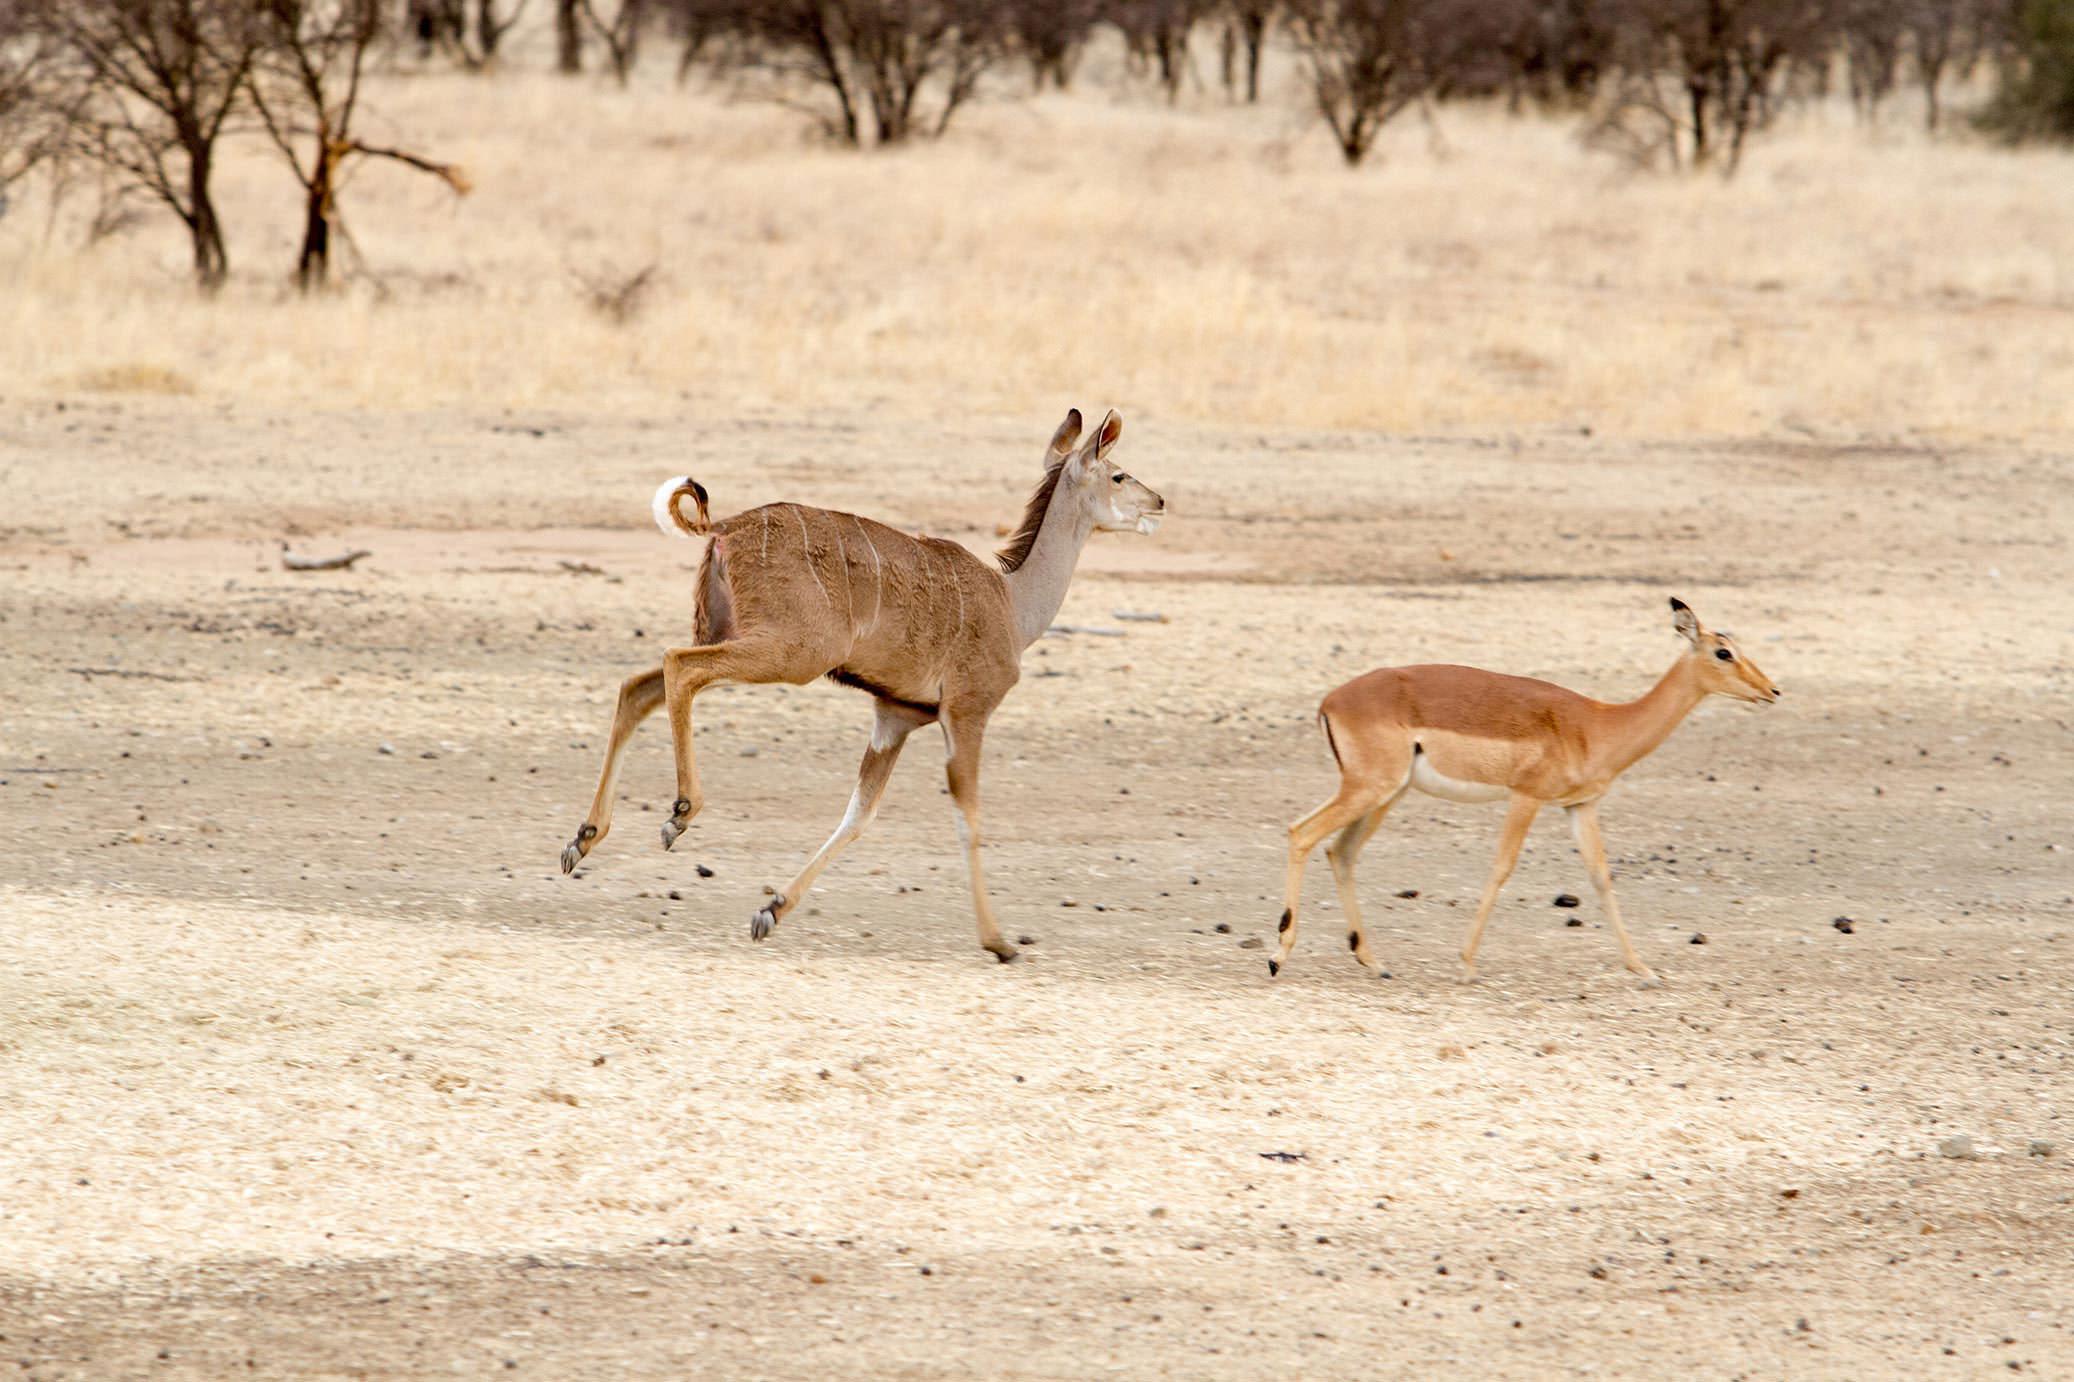 amanzi private game reserve - Bokke 11 - Amanzi Private Game Reserve